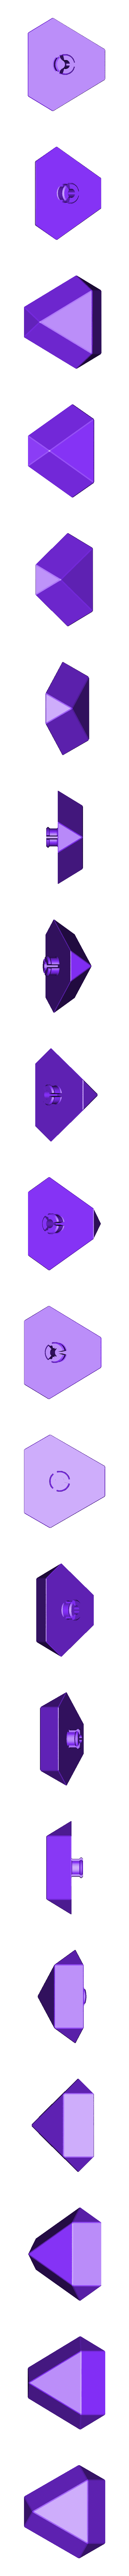 CuboctaCorner.stl Download free STL file Cuboctahedron Puzzle, Cube Puzzle • 3D printable design, LGBU